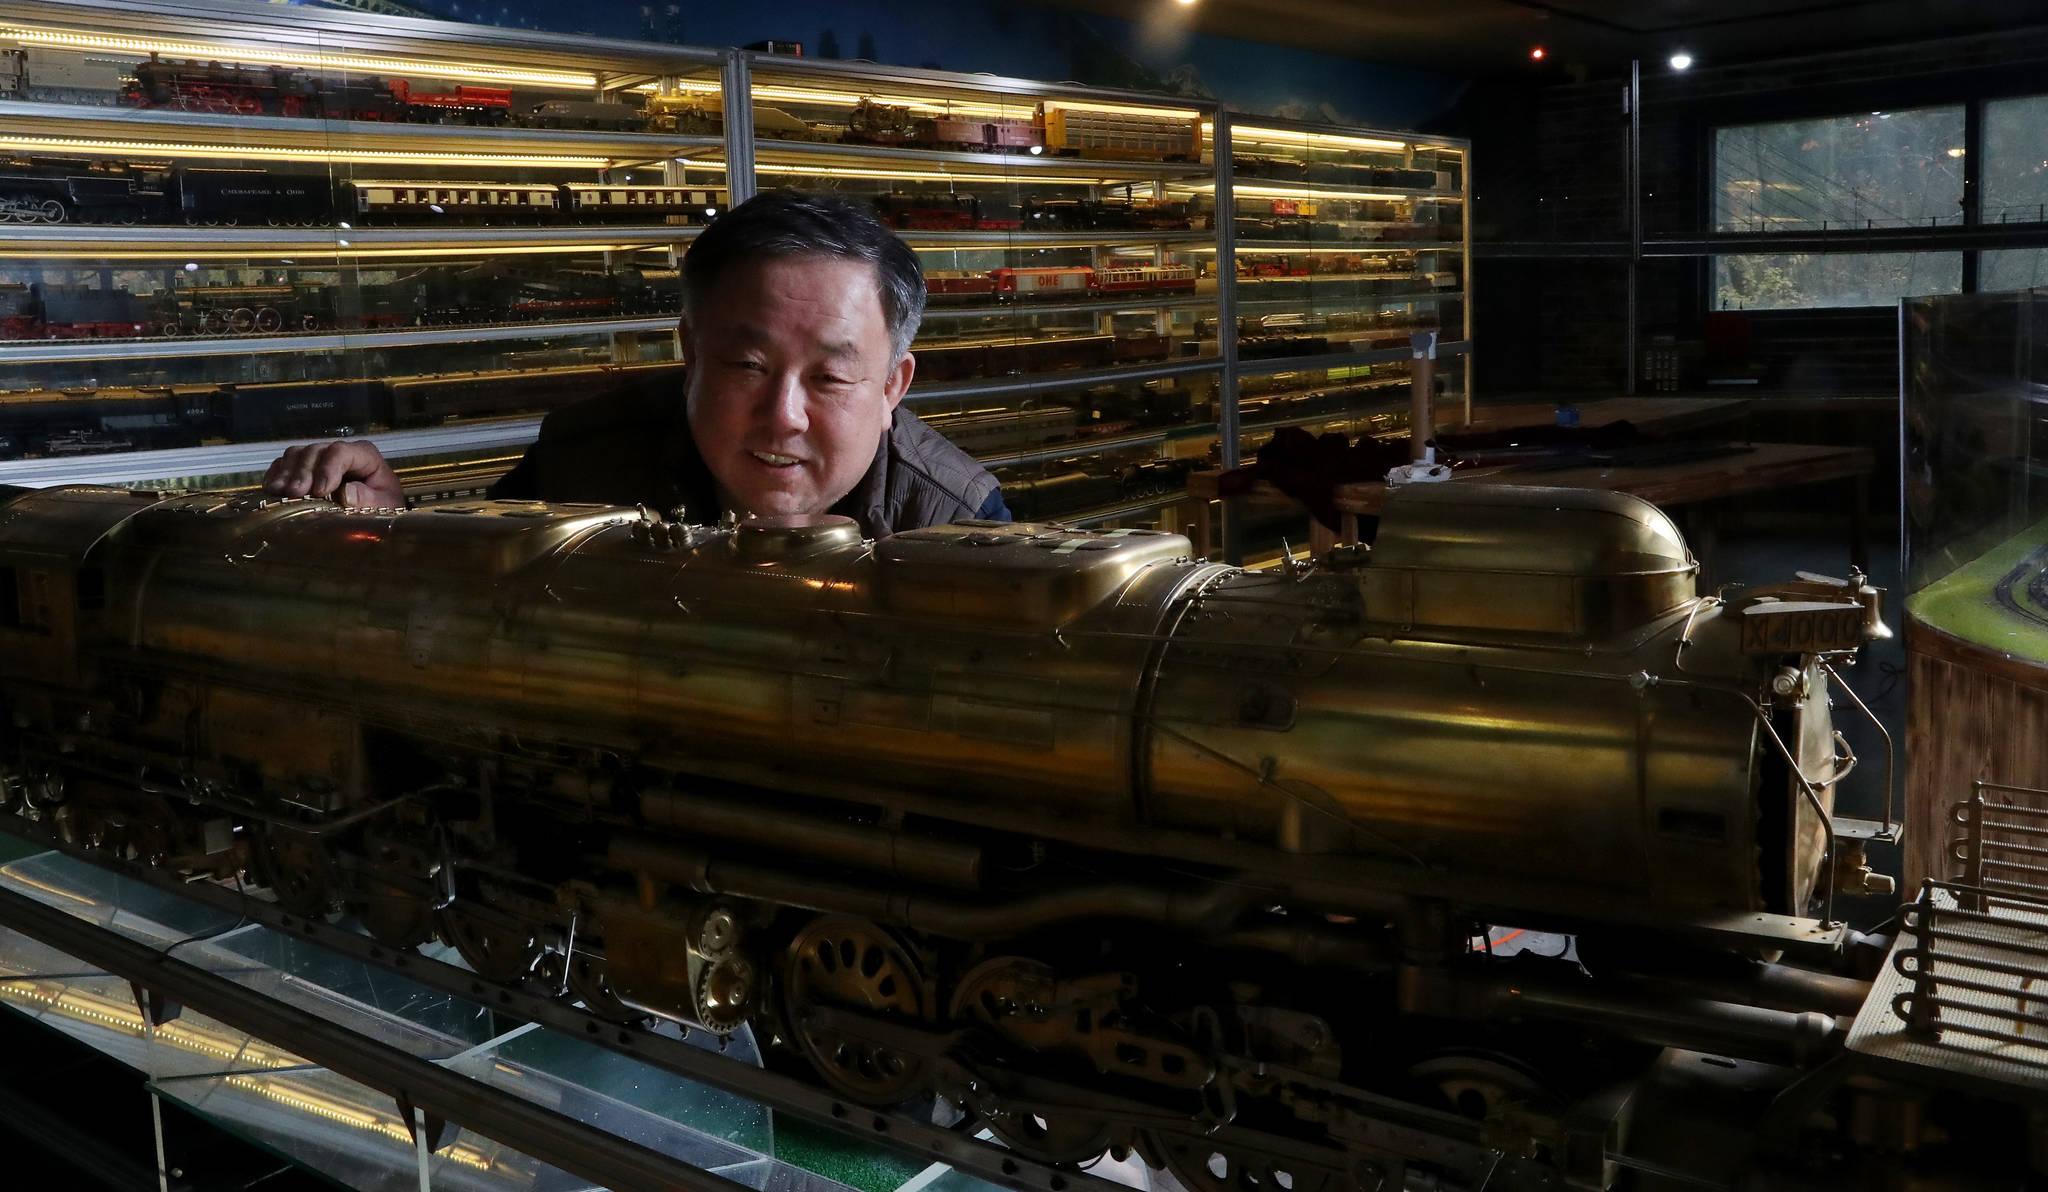 황동 조각으로 정교한 기차 모형을 만드는 이현만씨가 13일 오후 인천 남동구 장자로에 있는 '기차왕국박물관 Cafe'에서 직접 제작한 '빅보이' 기관차를 바라보고 있다. 기차 모형 제작의 외길 인생을 살아온 이 씨는 몸이 허락하는 70세까지는 이 일을 하고 싶다고 말했다. 우상조 기자